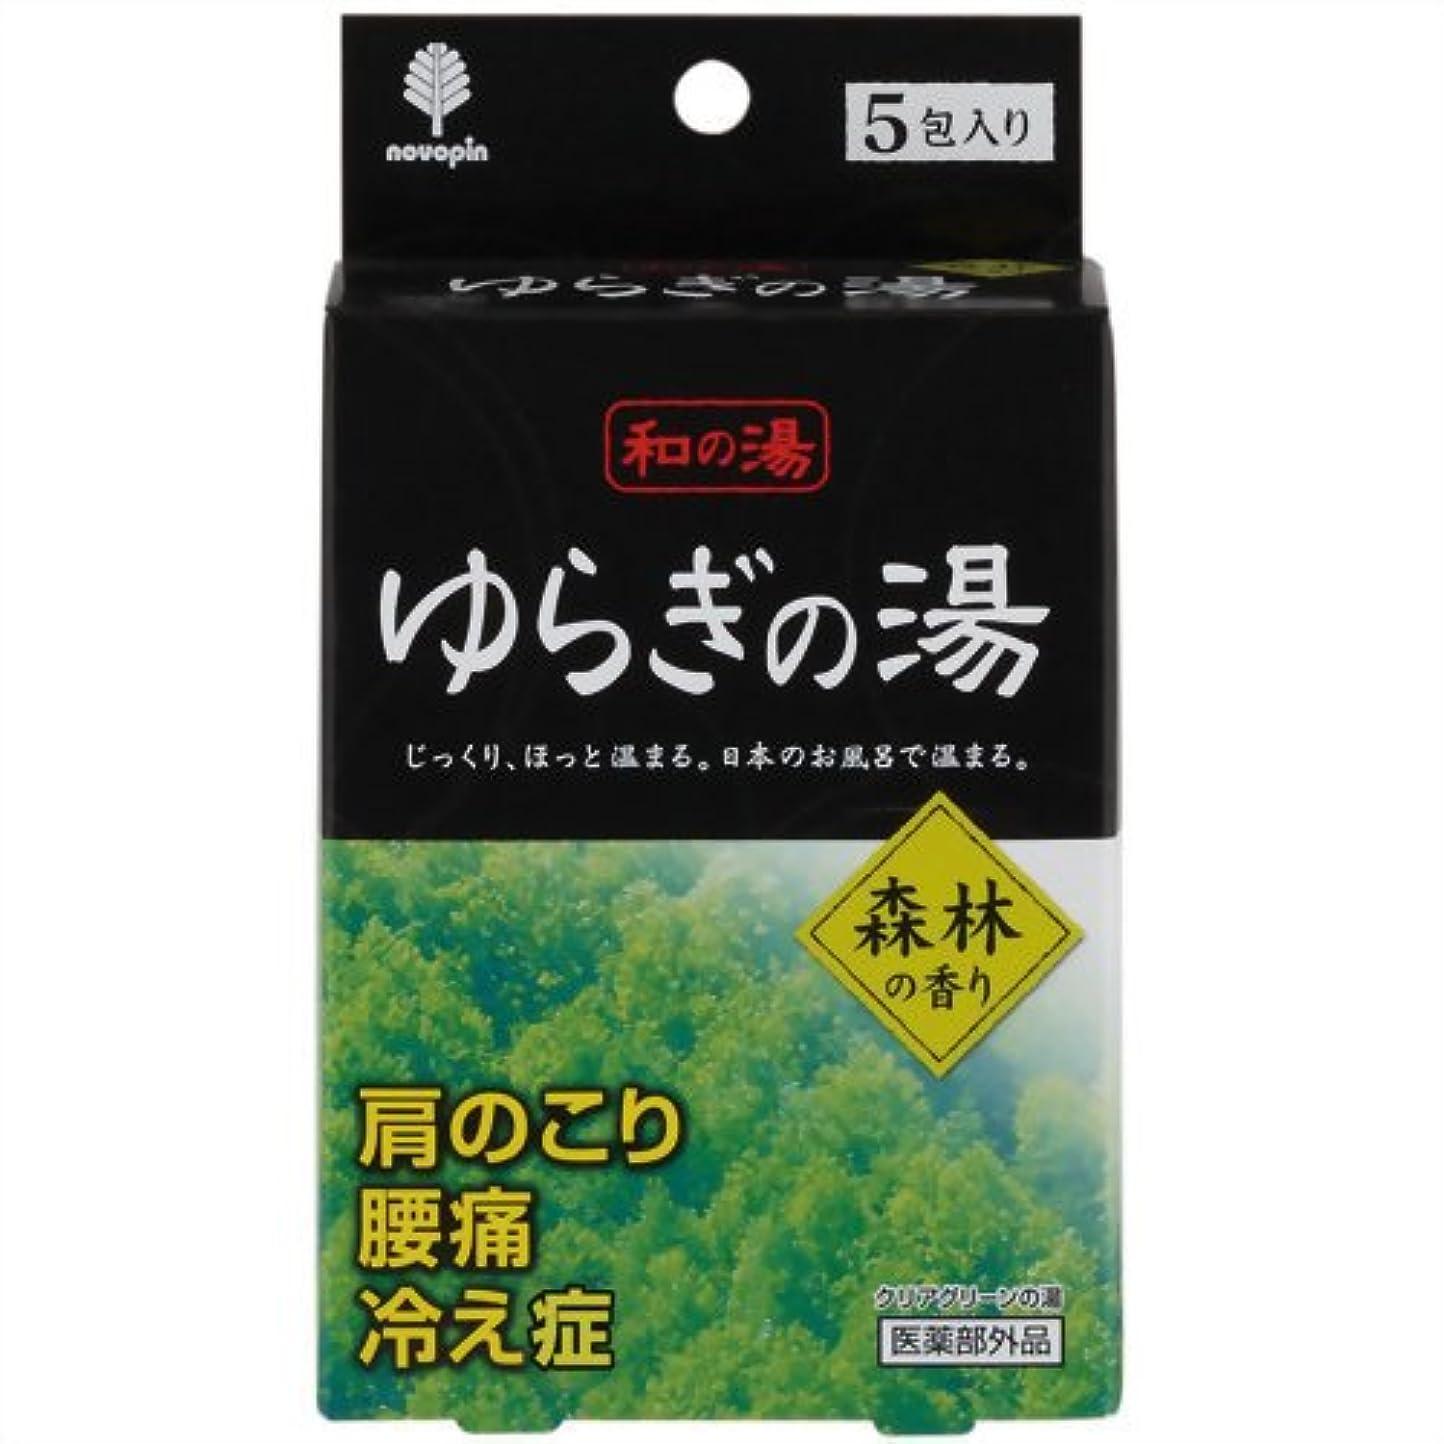 発送ピービッシュ枯渇するゆらぎの湯 森林の香り 25g×5包入